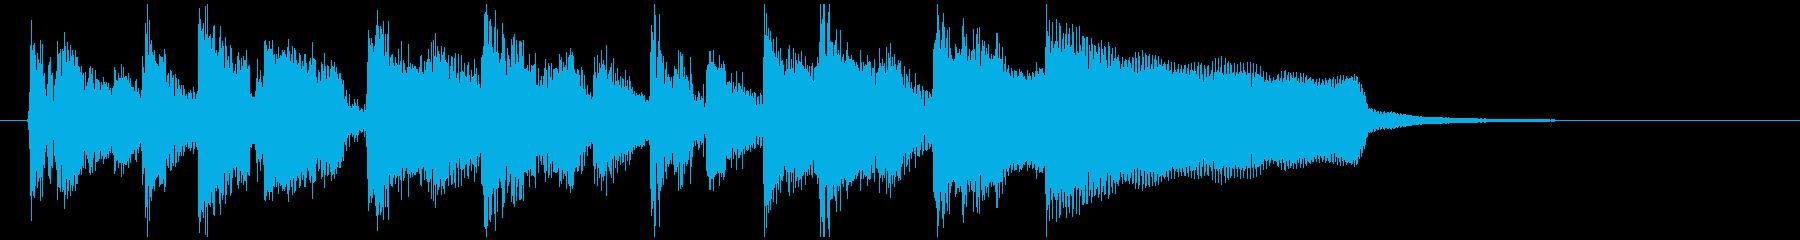 軽快リズムほのぼの明るいラテン系ジングルの再生済みの波形